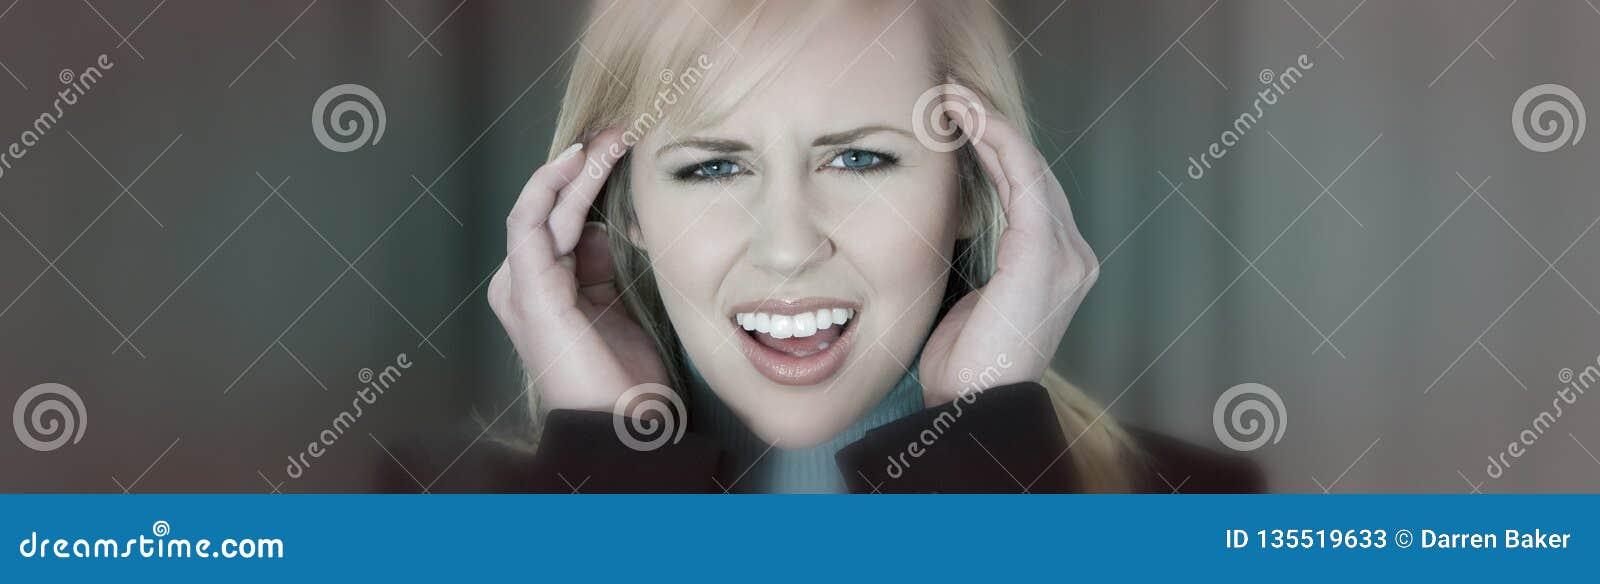 Vrouwelijke Vrouw met de Hoofdpijn van de Migrainespanning